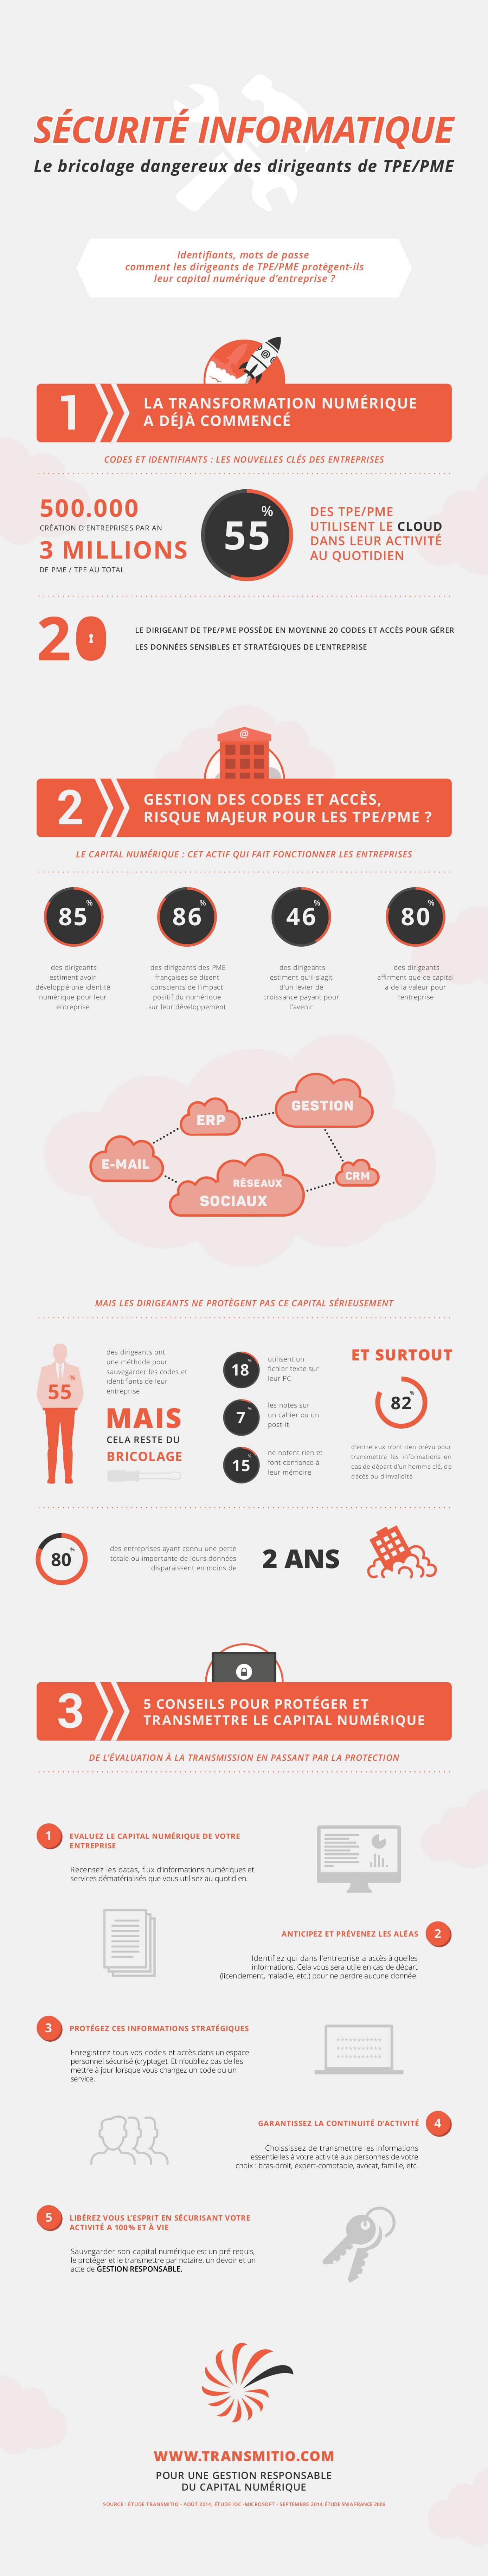 Infographie-Sécurité-informatique-et-capital-numérique-Le-Bricolage-dangereux-des-dirigeants-de-TPE-PME-Transmitio